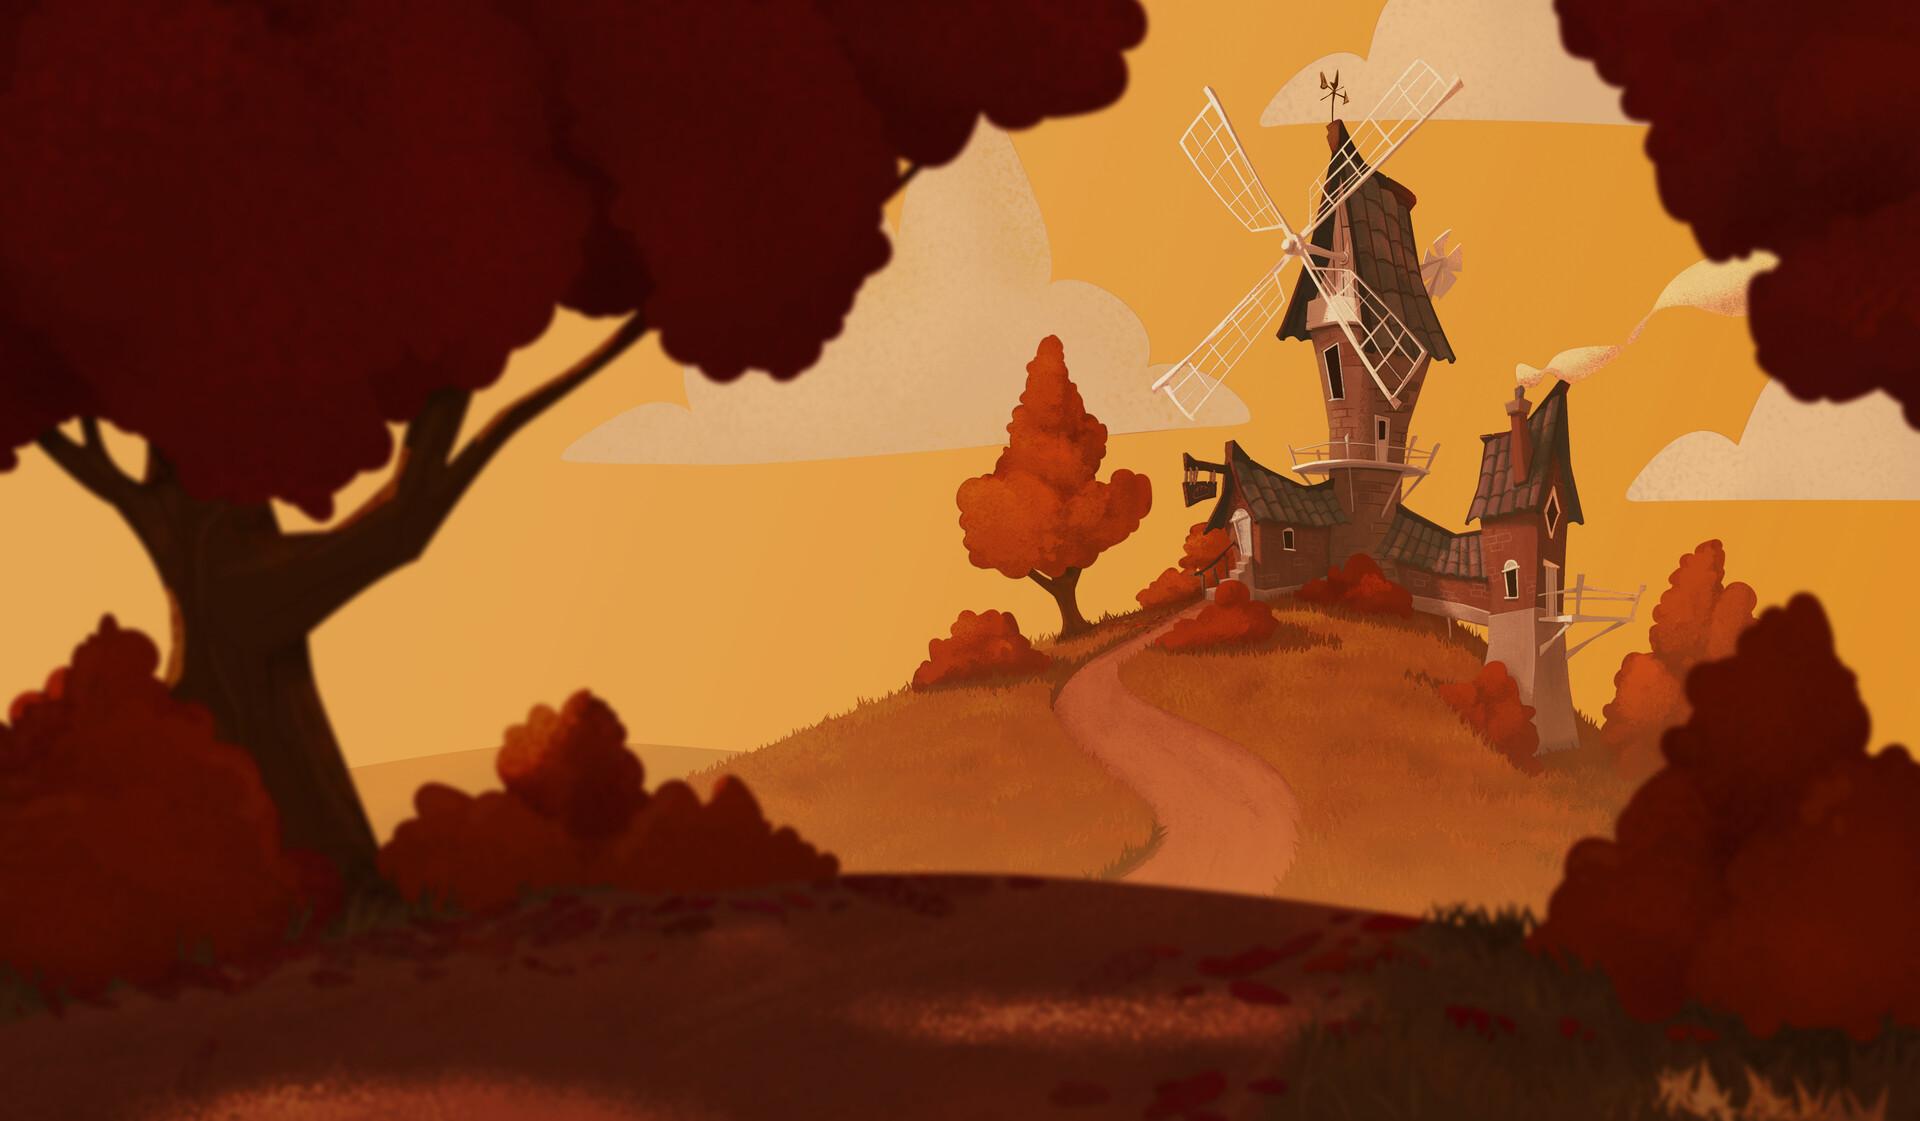 Jake bullock windmill x7 illustration